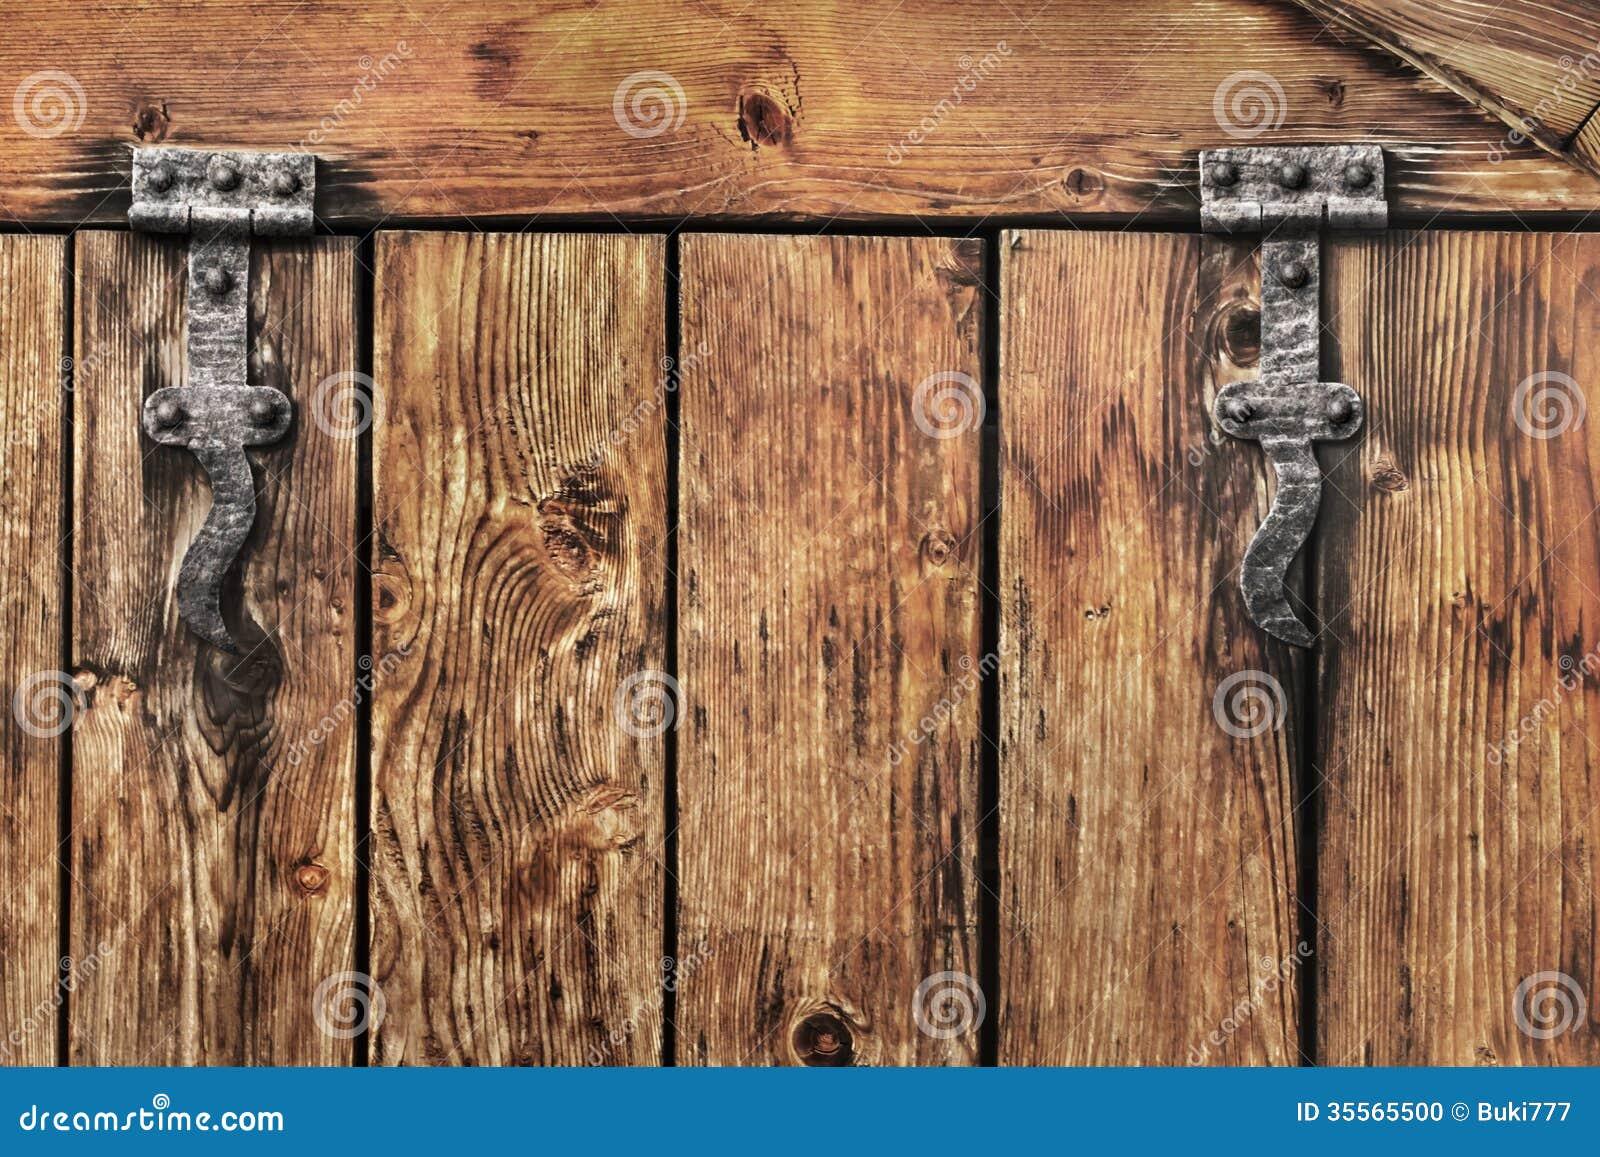 Antique Rustic Pine Wood Barn Door Detail Stock Photo